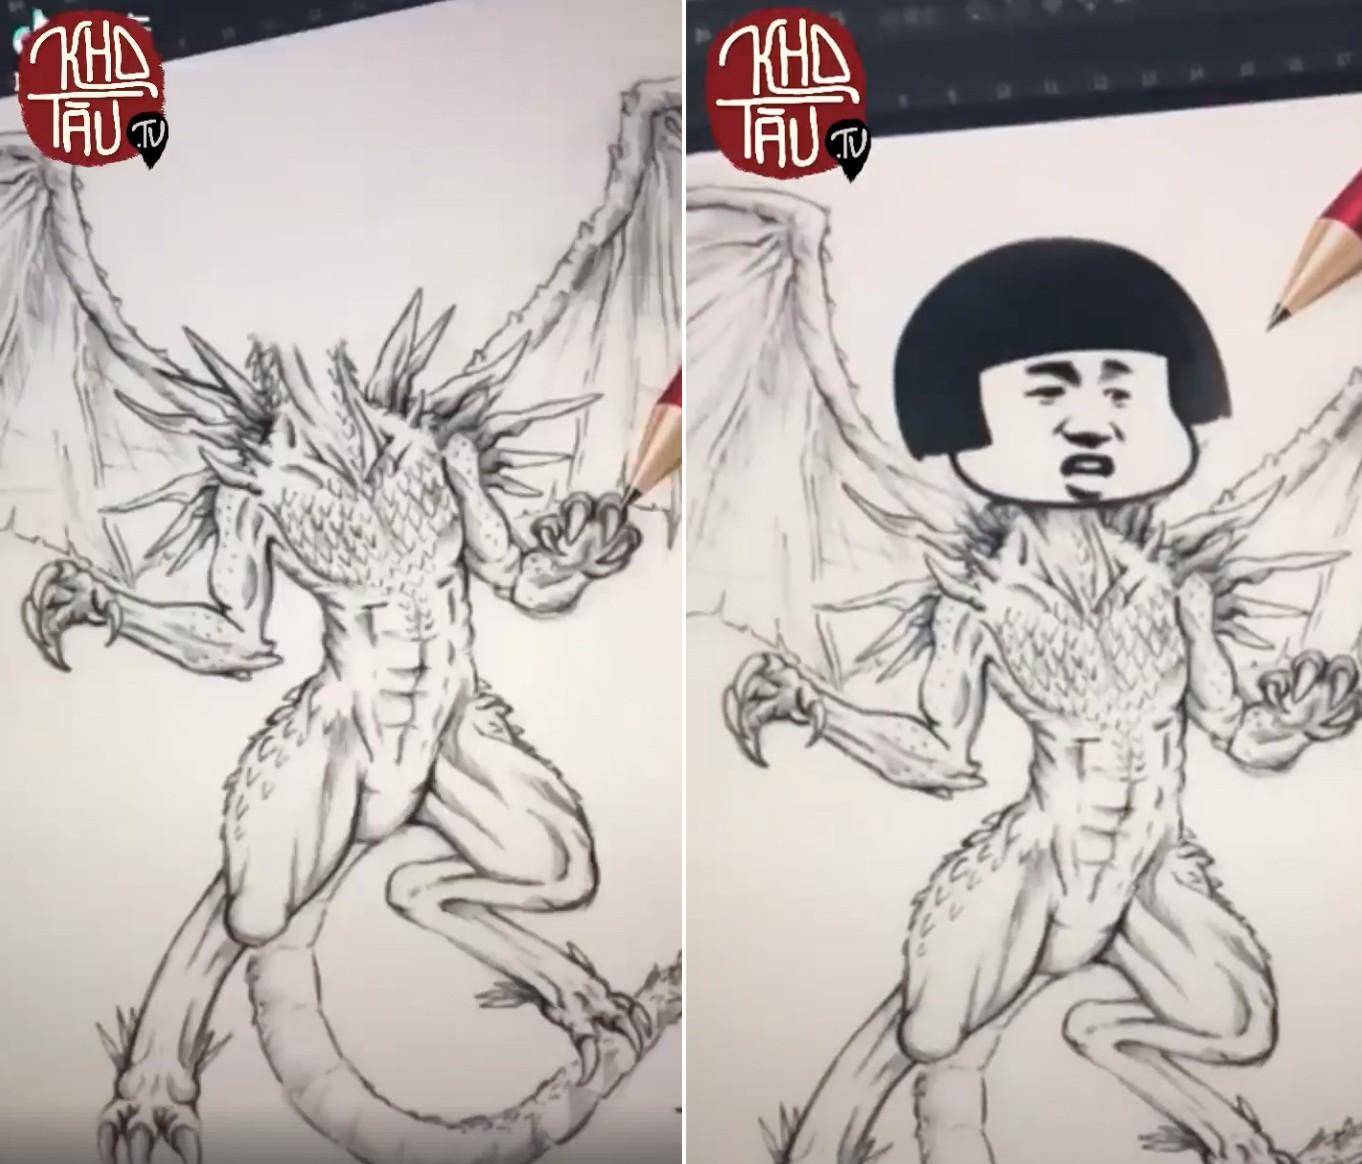 Tài năng có hạn nhưng vẫn thích thể hiện, anh trai vẽ rồng giúp em gái và cái kết cười ra nước mắt - Ảnh 5.